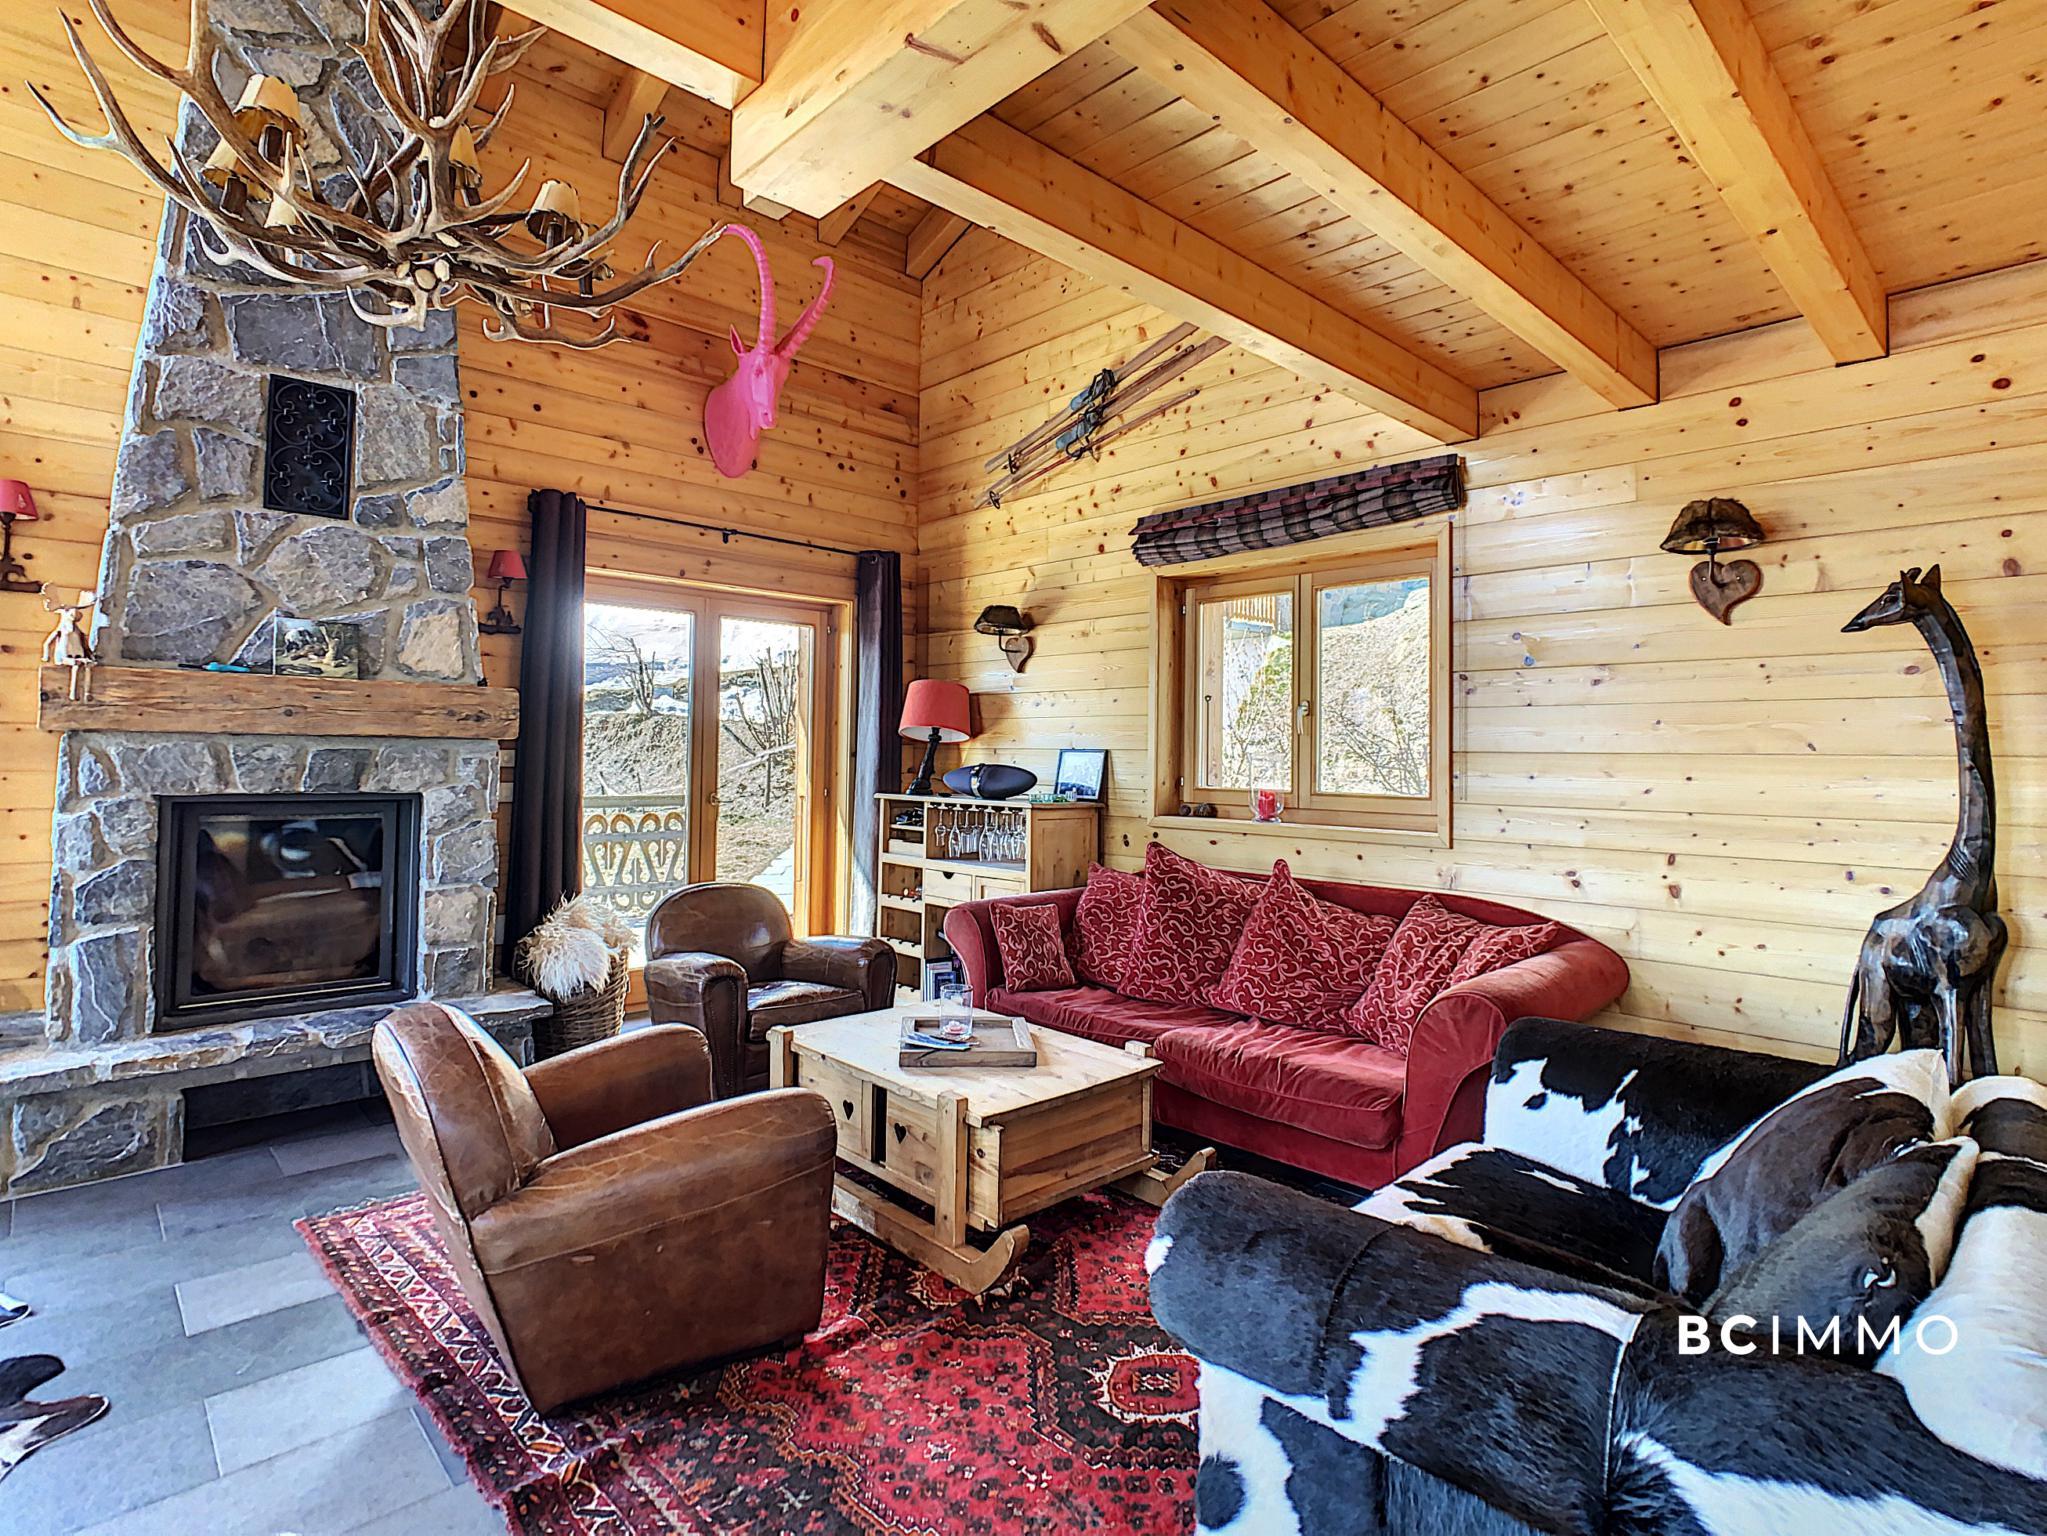 BC Immo - Magnifique chalet meublé idéalement situé aux Collons - GSICE1988